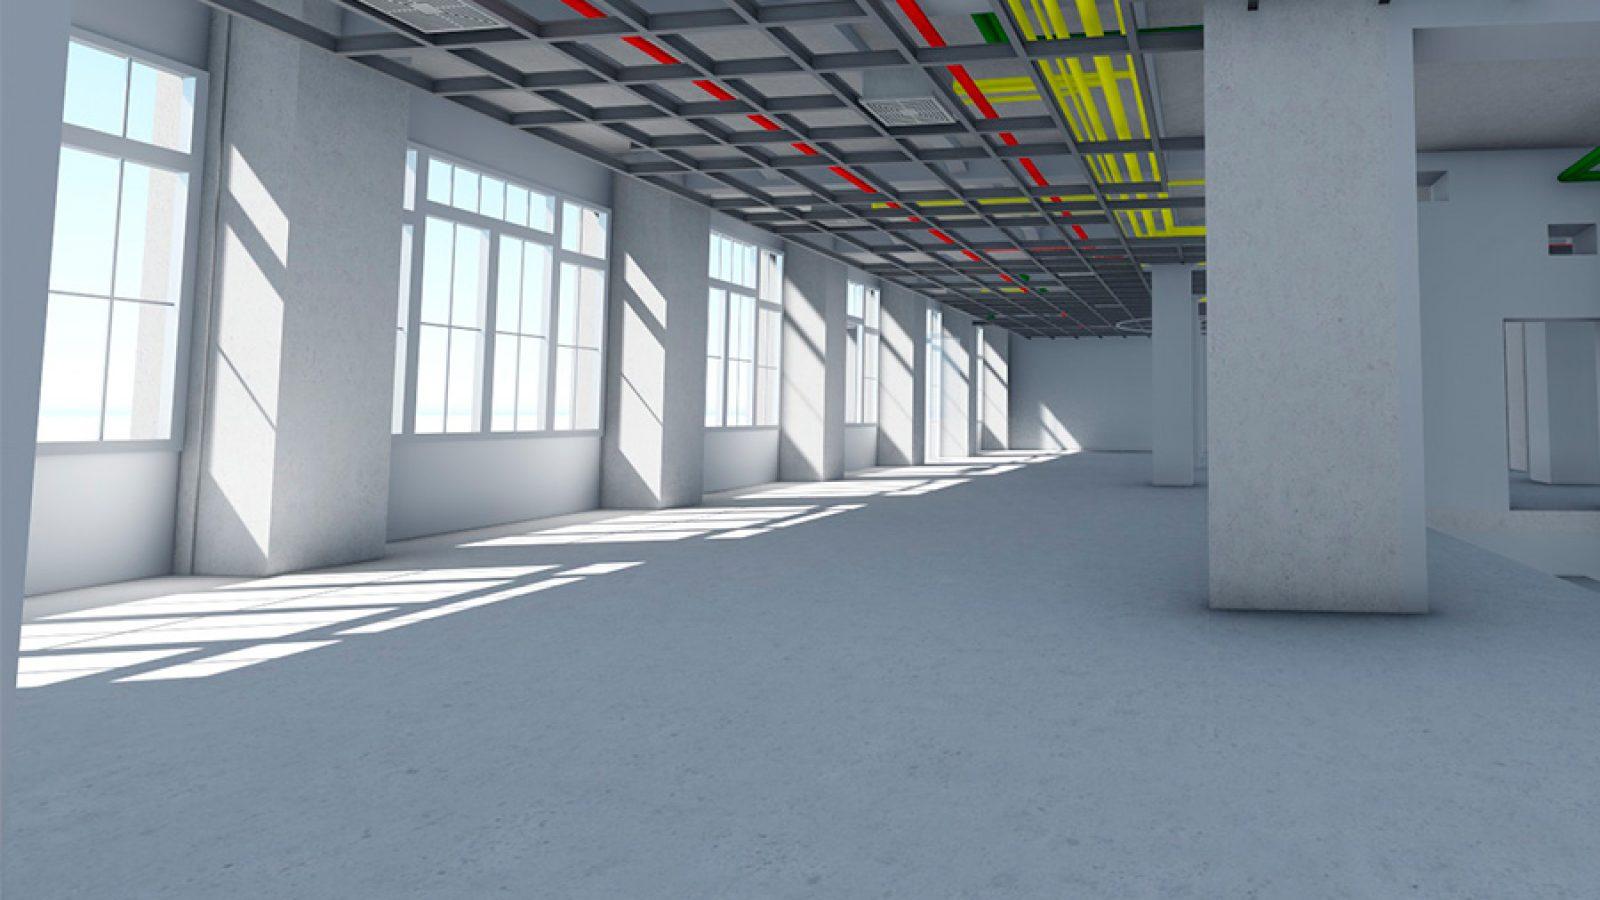 modelo-bim-instalaciones-interior-local-comercial-berlin-bimnd